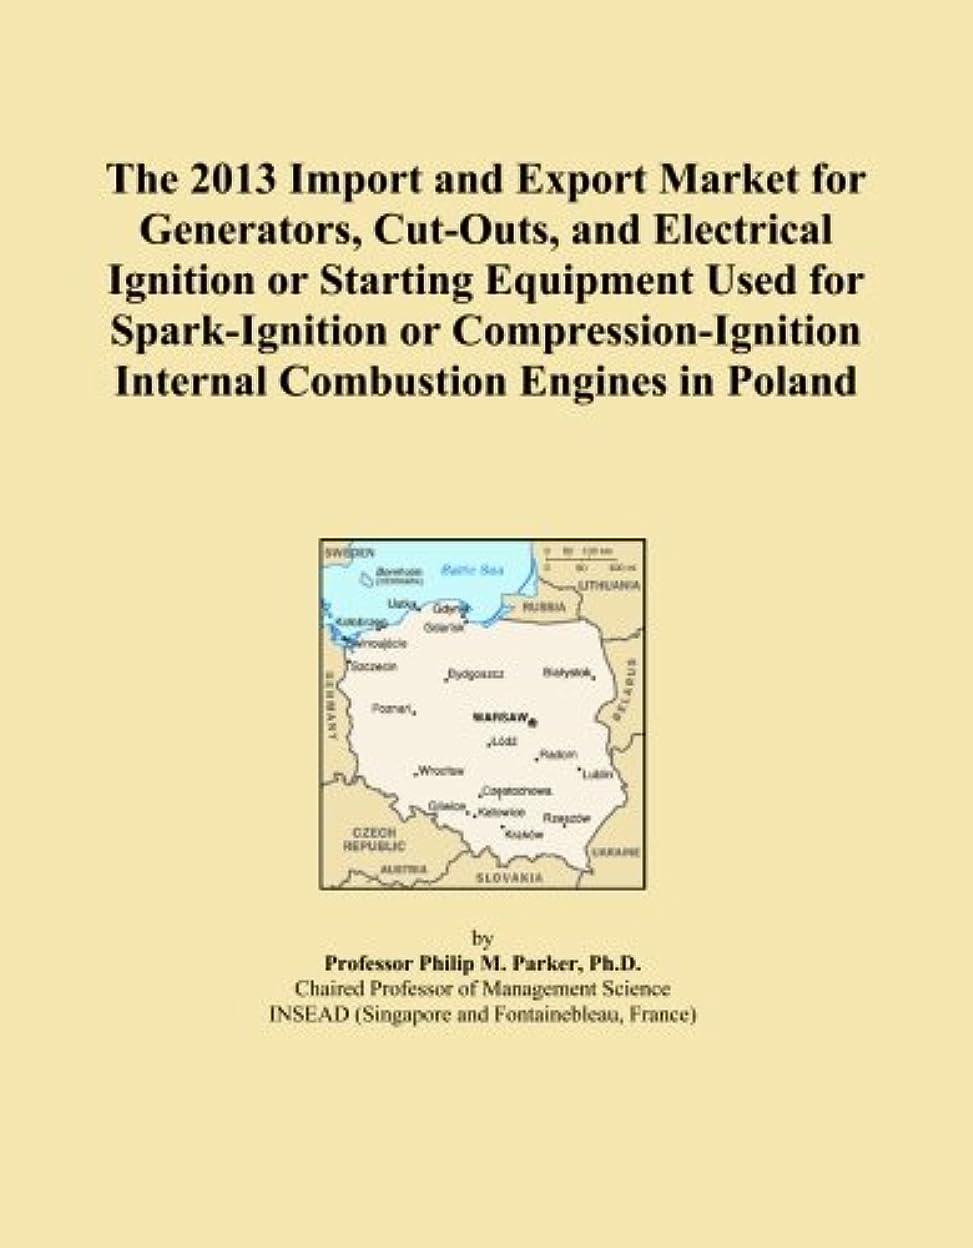 ダム懐疑論熱The 2013 Import and Export Market for Generators, Cut-Outs, and Electrical Ignition or Starting Equipment Used for Spark-Ignition or Compression-Ignition Internal Combustion Engines in Poland